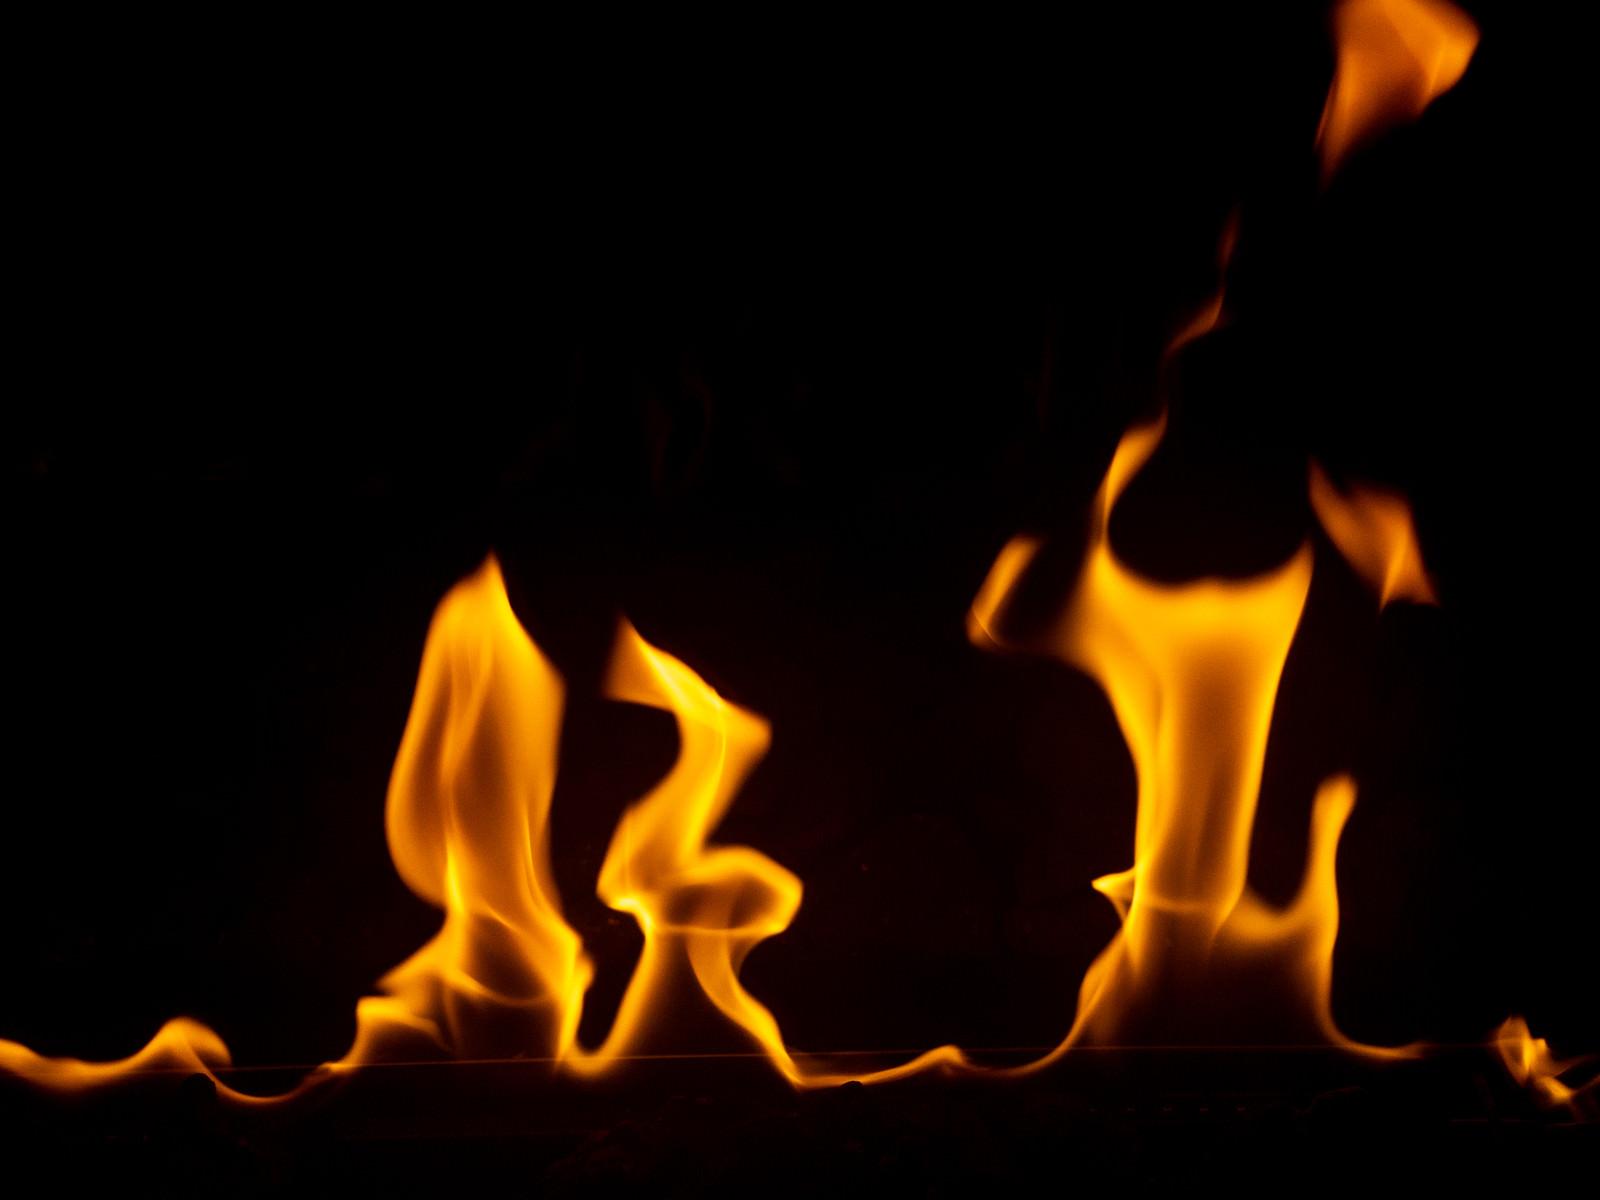 「燃えたぎる炎」の写真